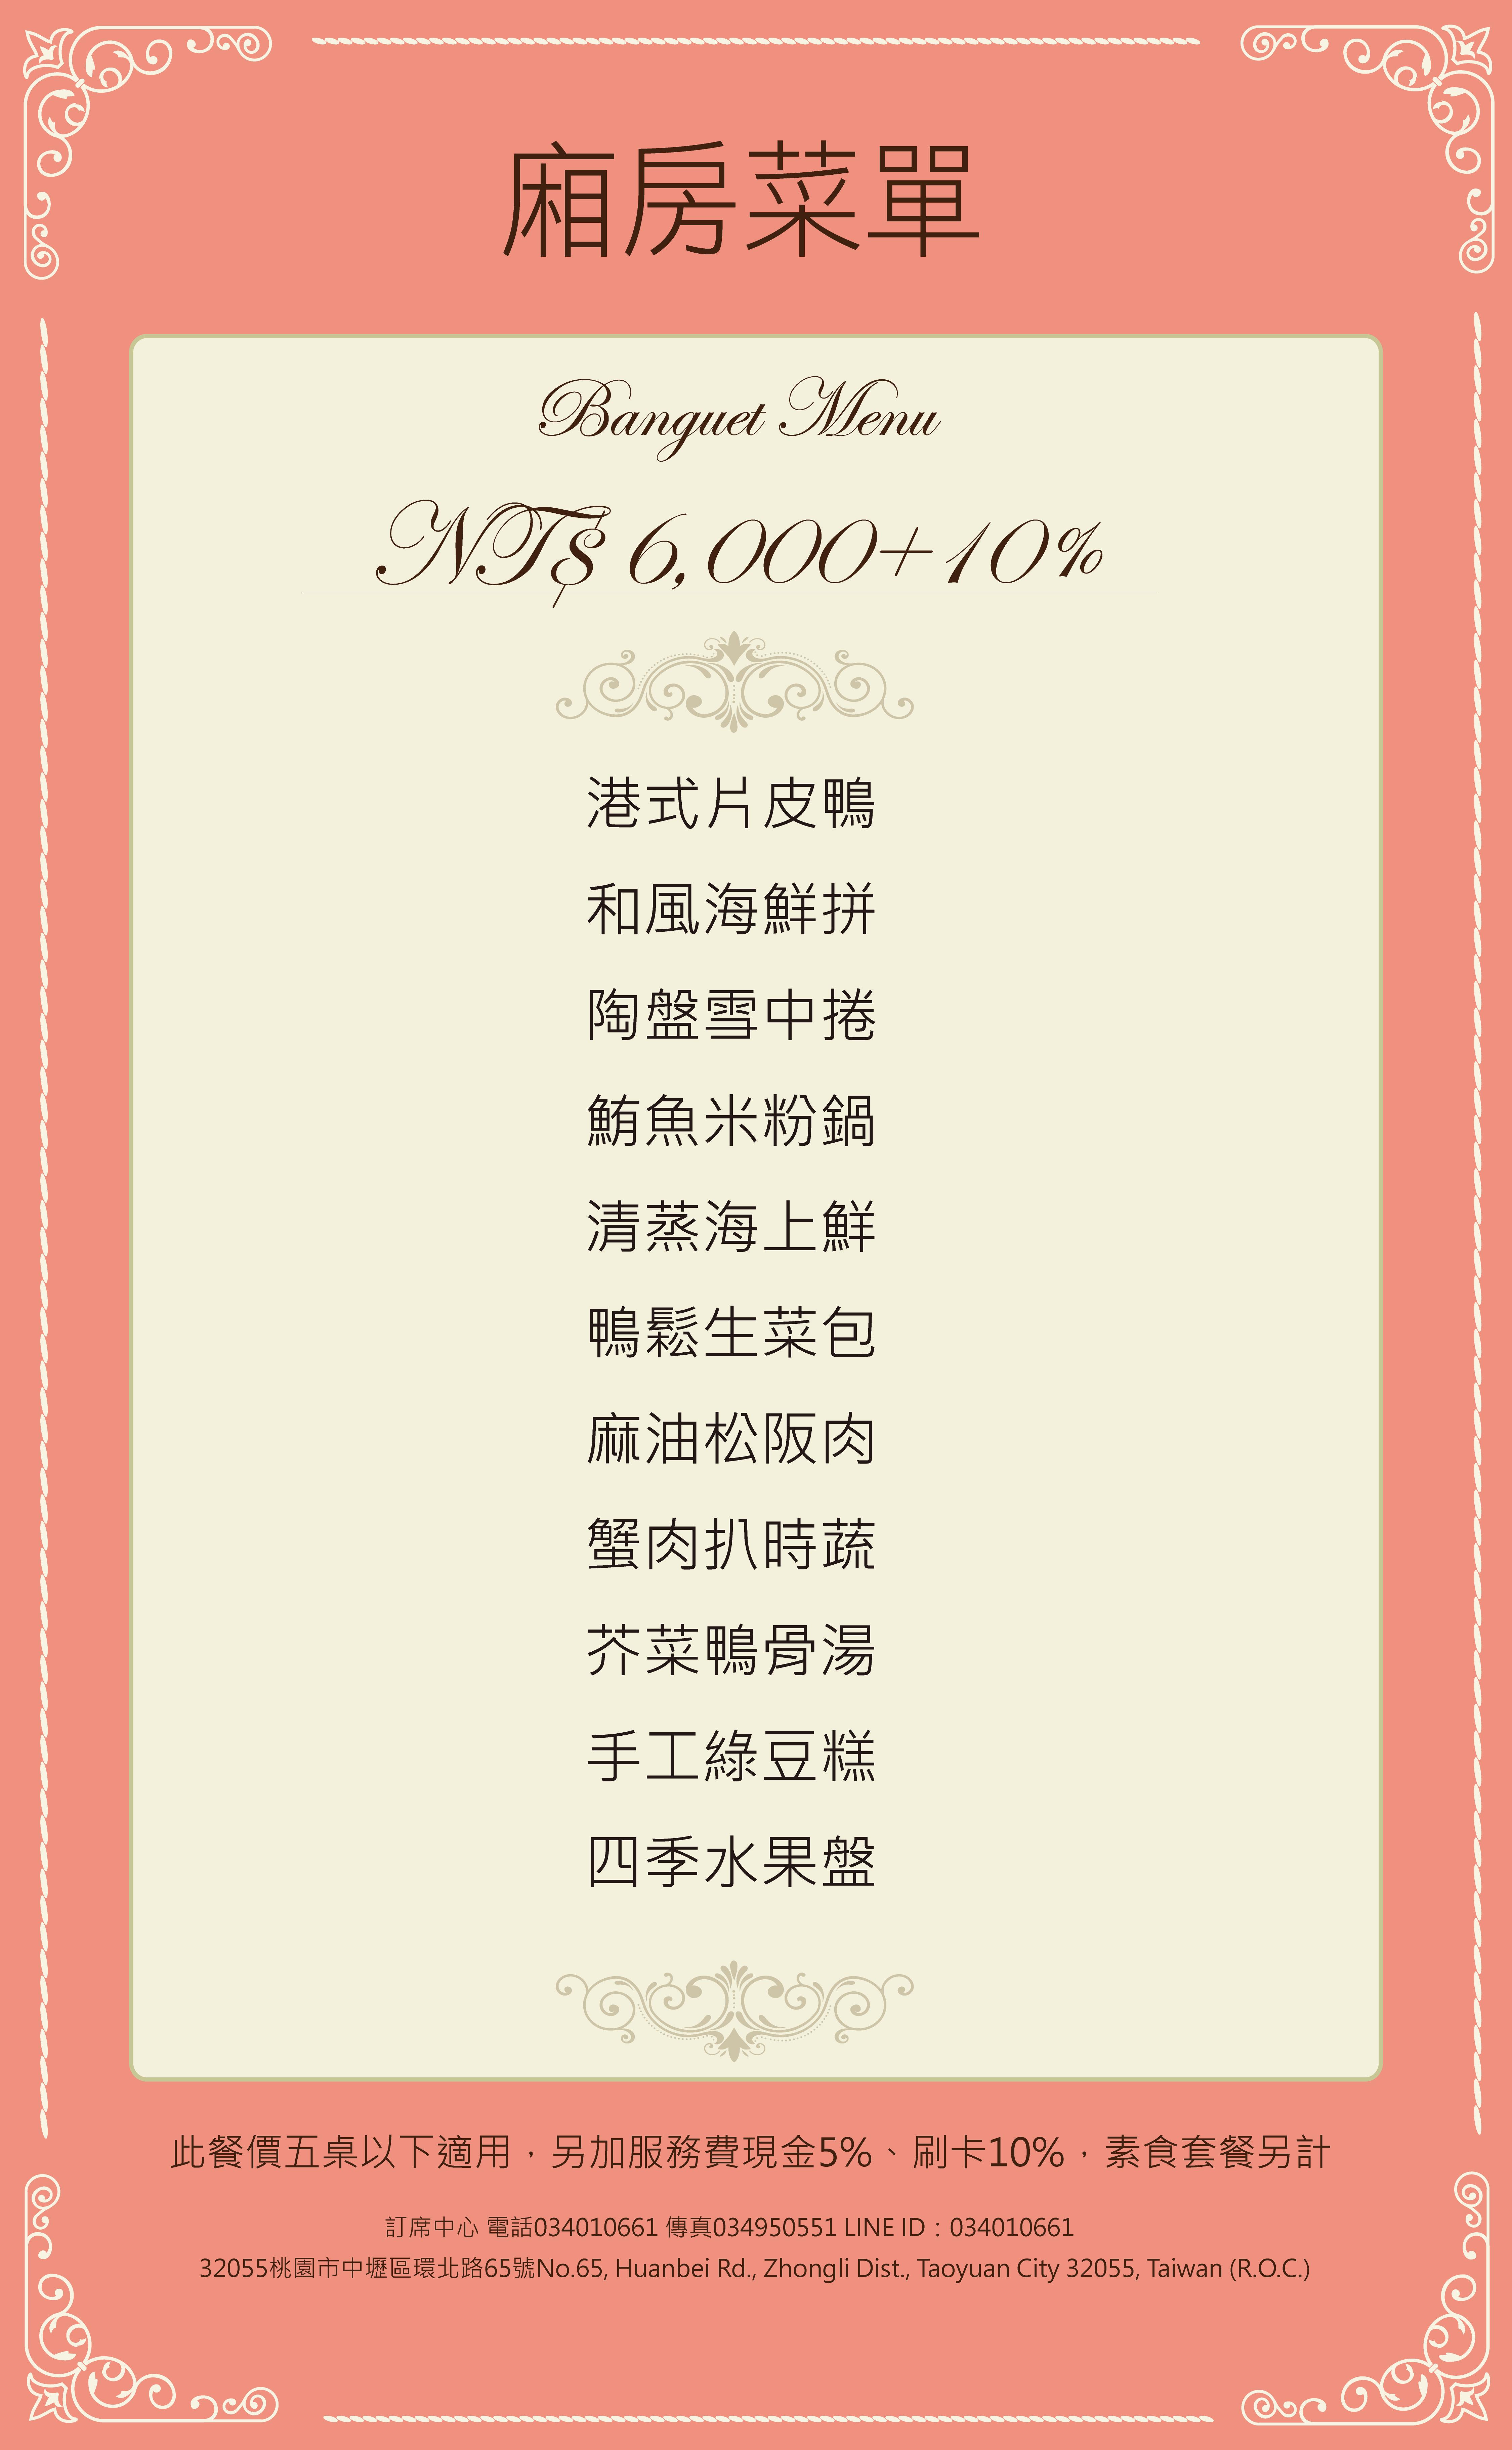 廂房菜單6000-01.png